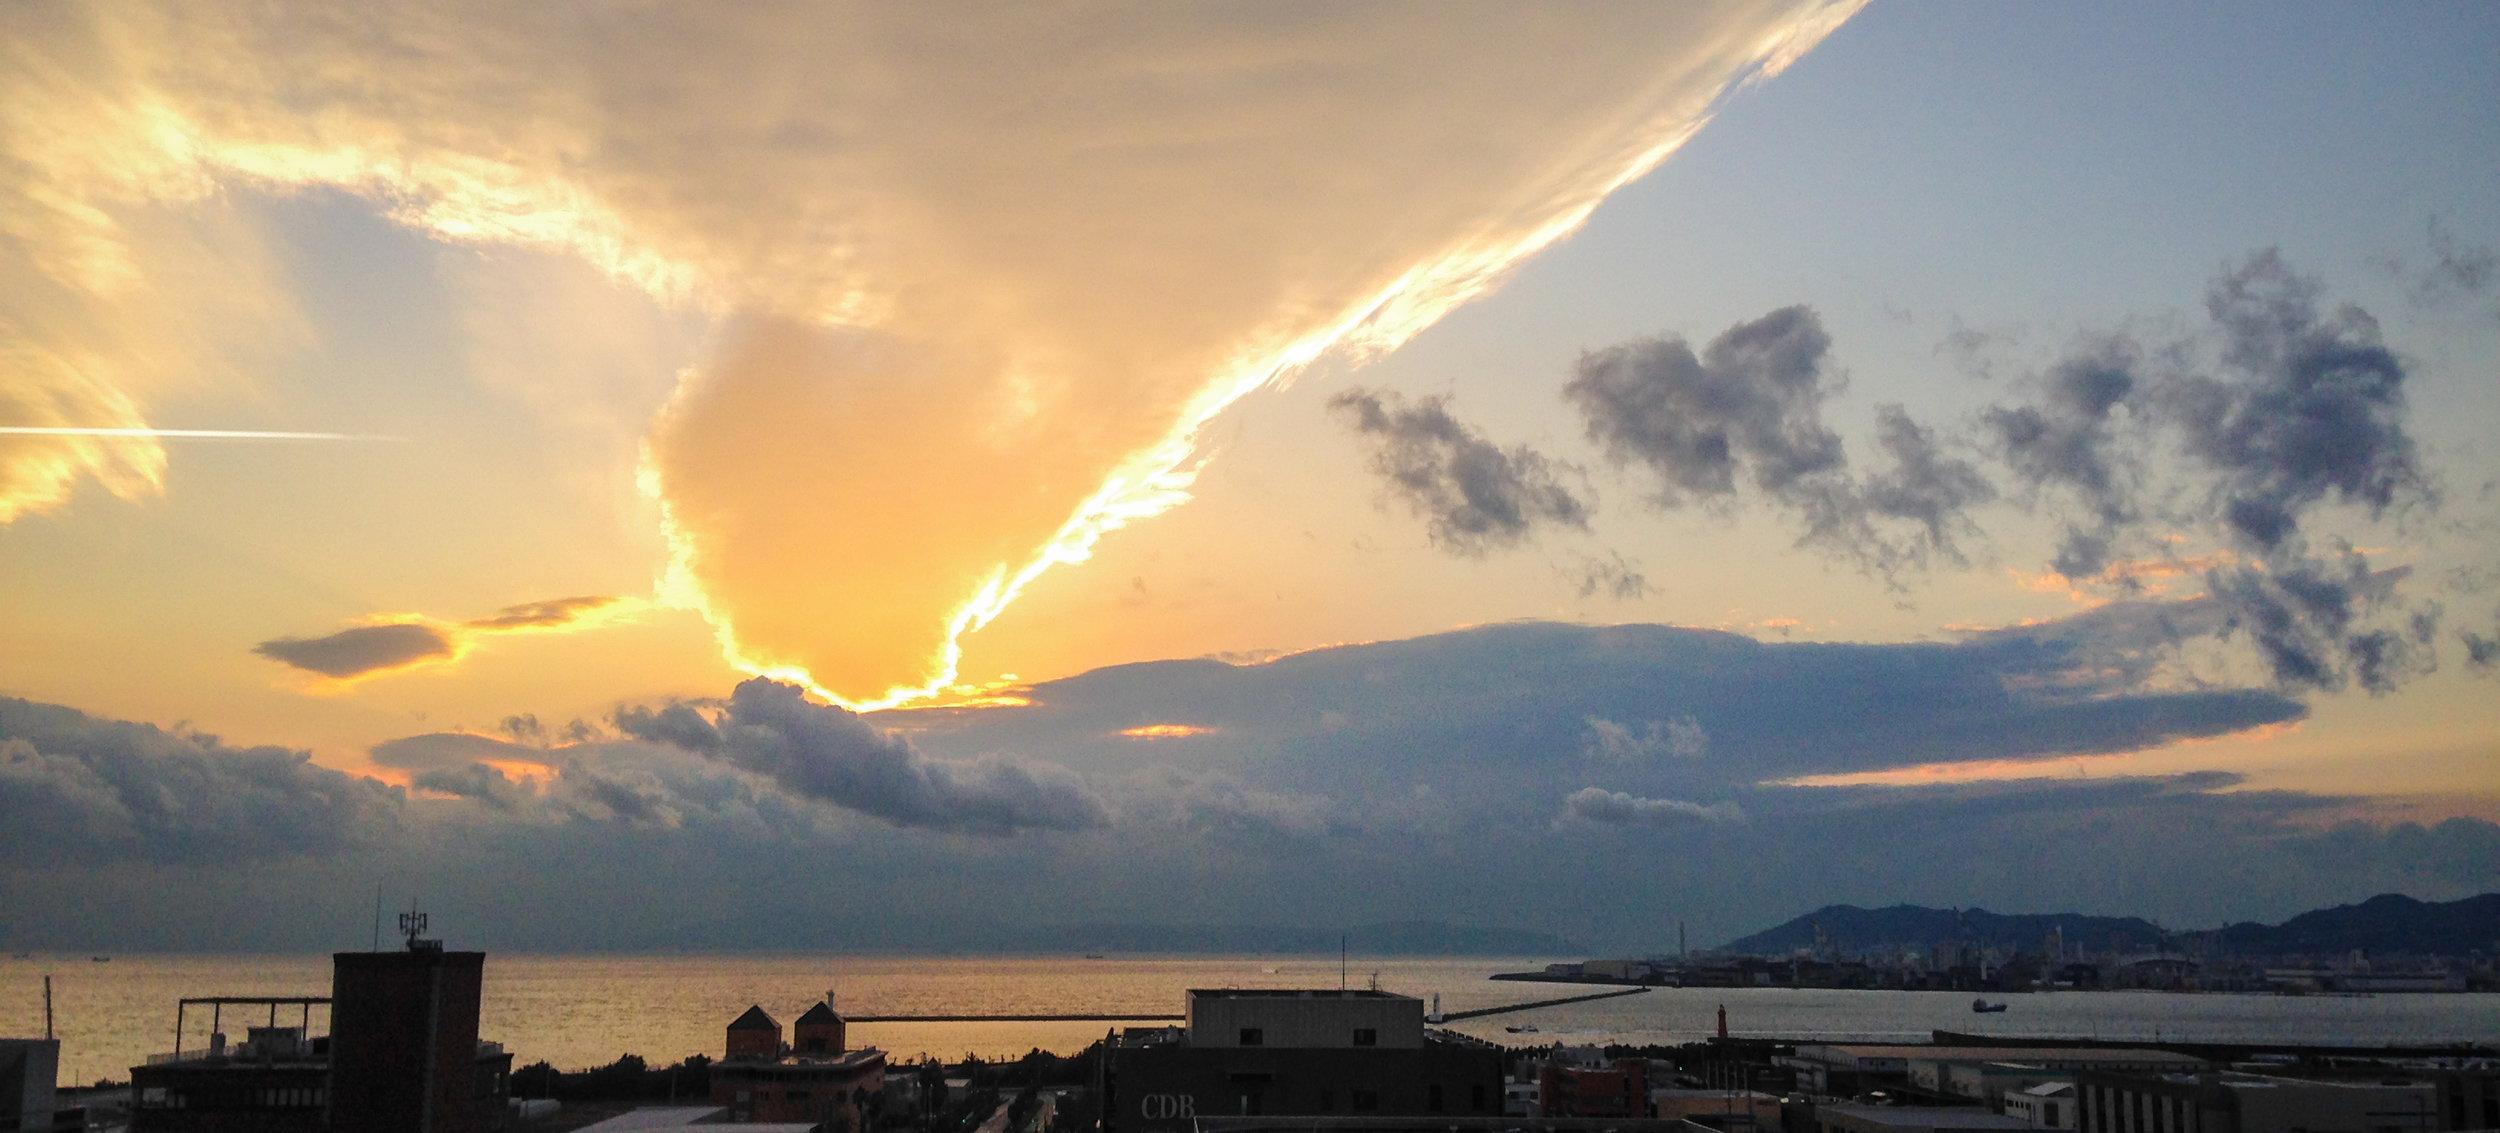 cloud_4132.jpg